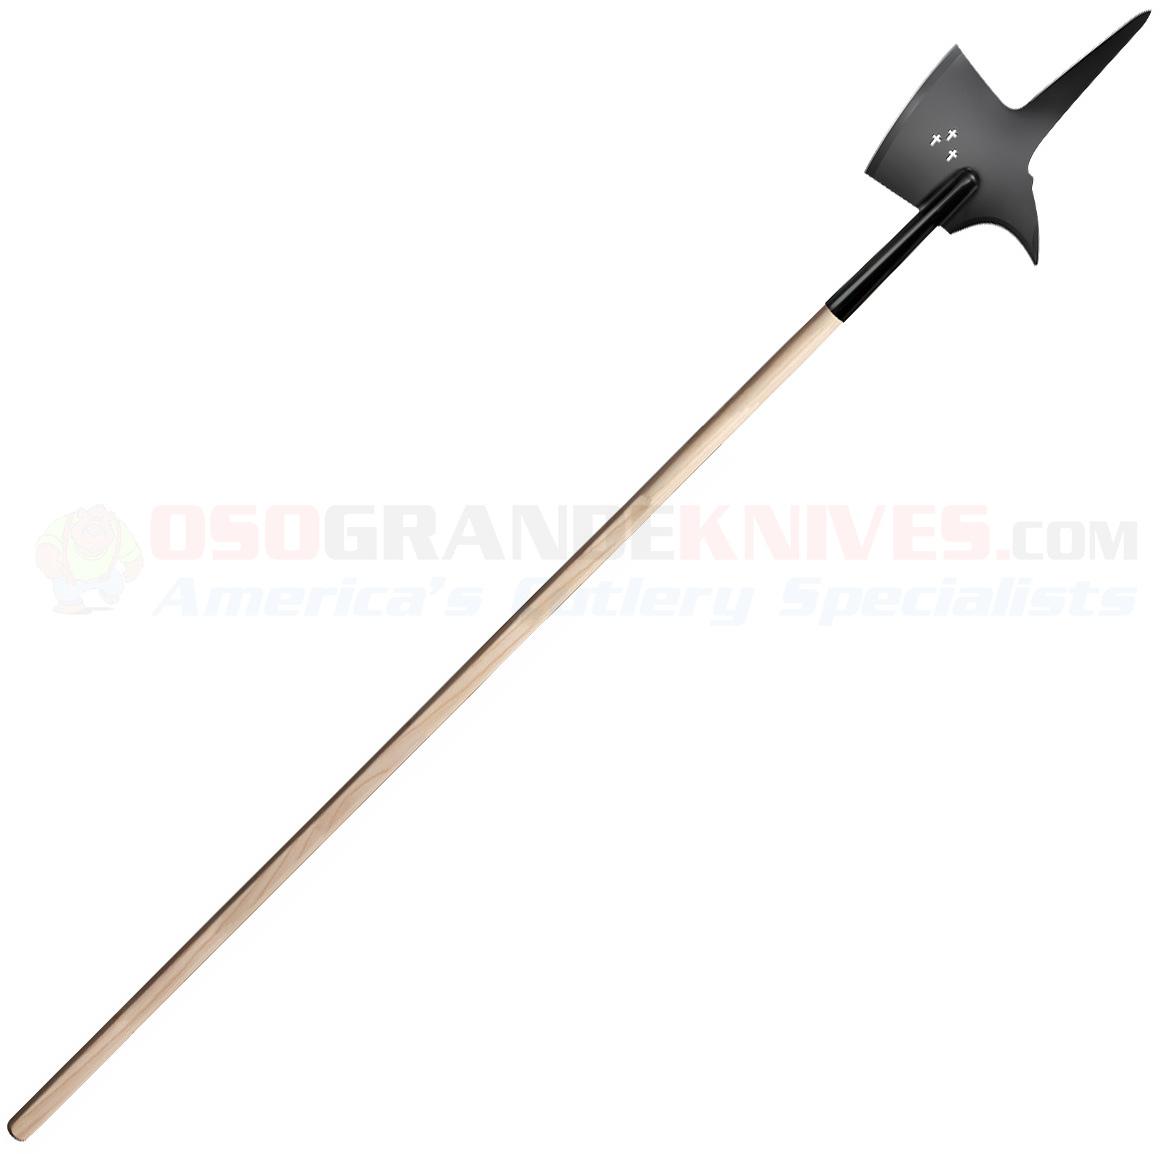 Cold Steel Maa Swiss Halberd Battle Axe Spear 89msw